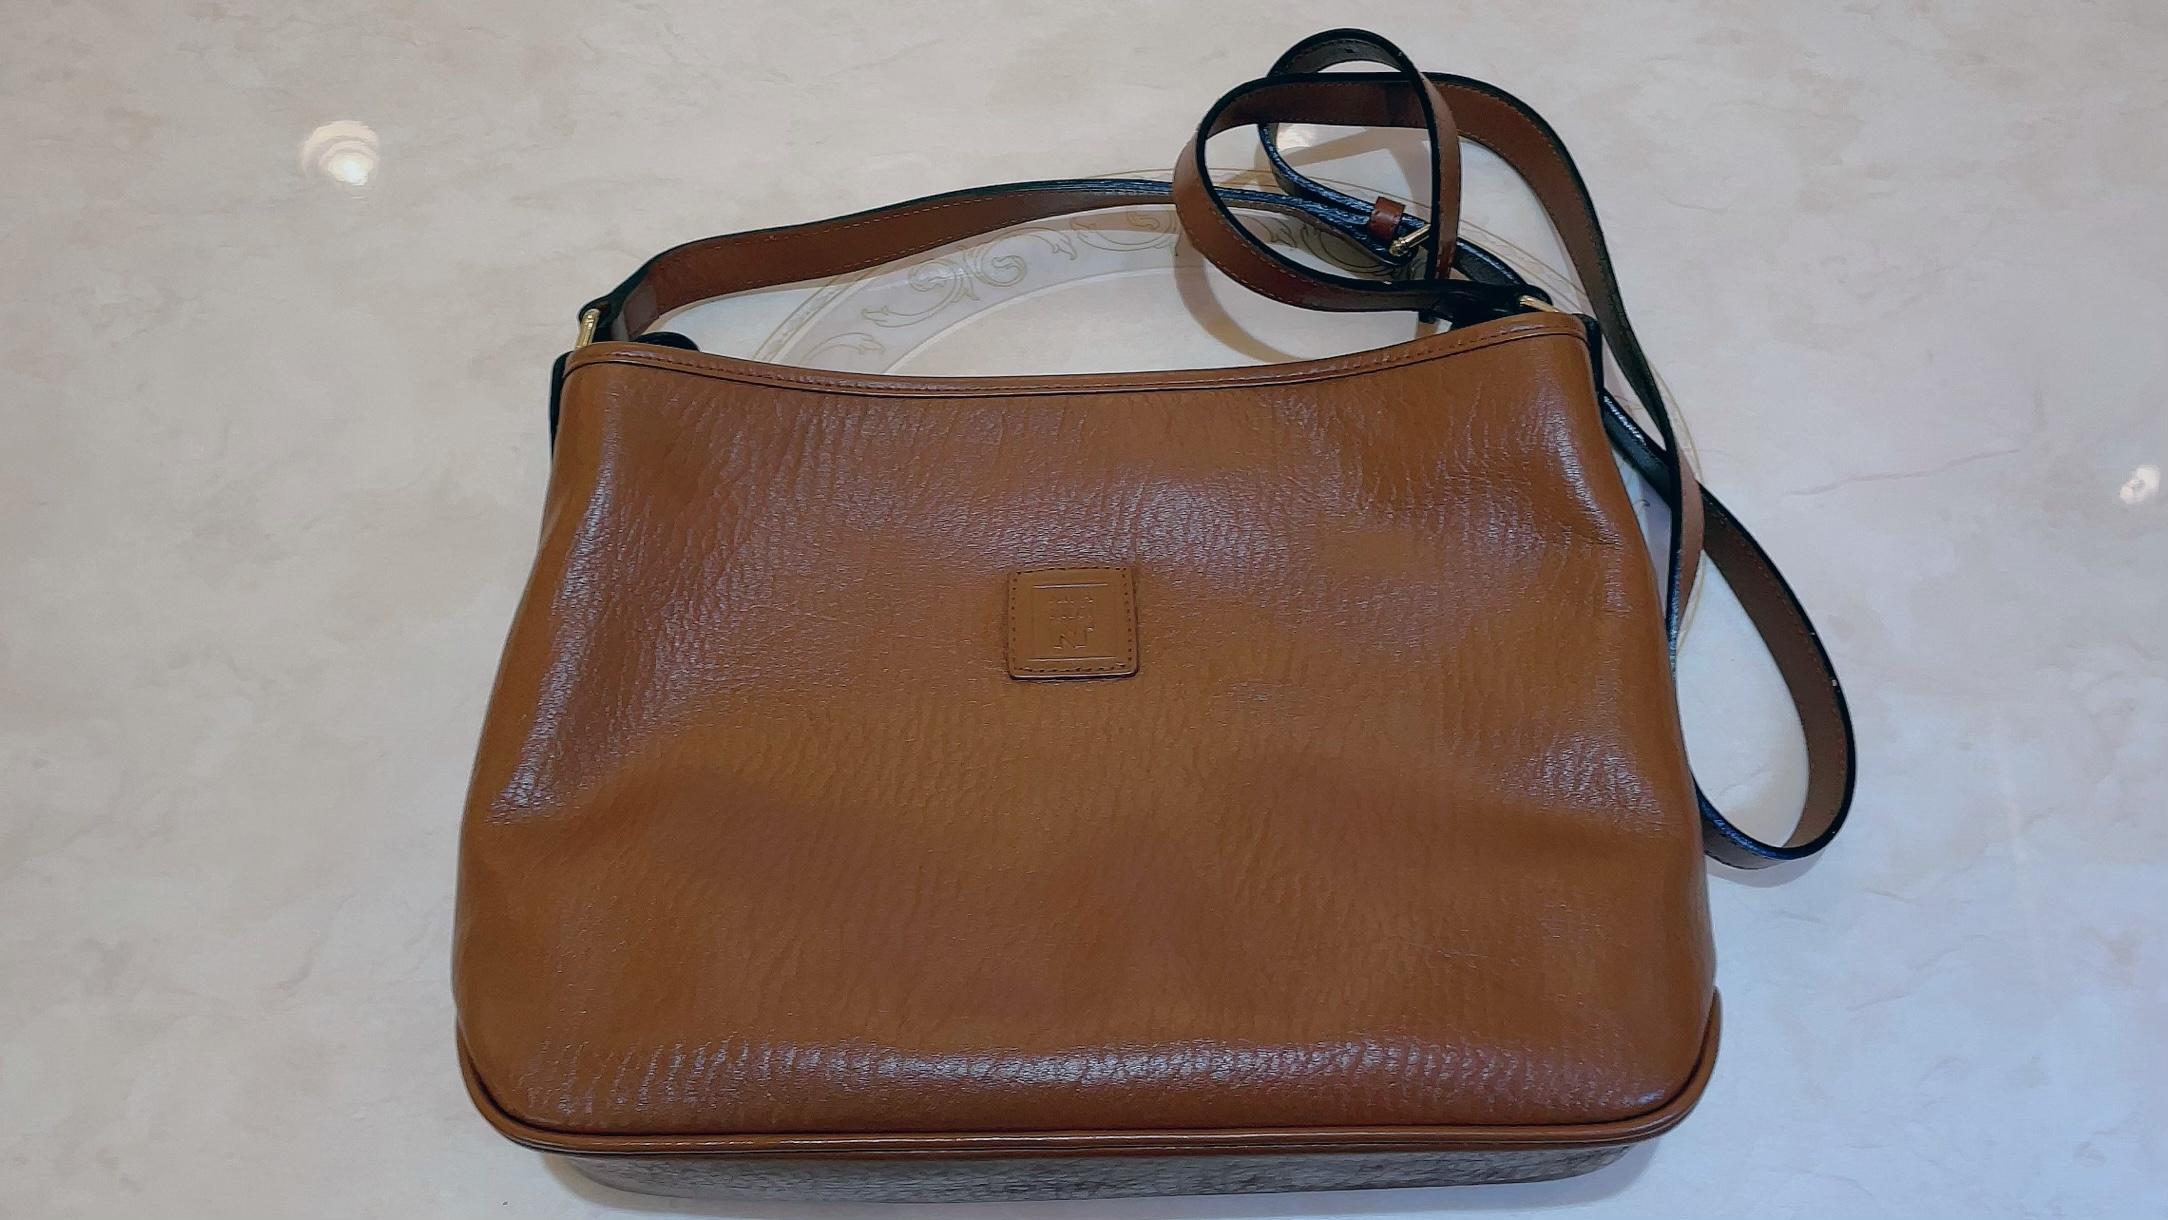 【買取速報】ブランドバッグ、NINA RICCI-2021-07-01